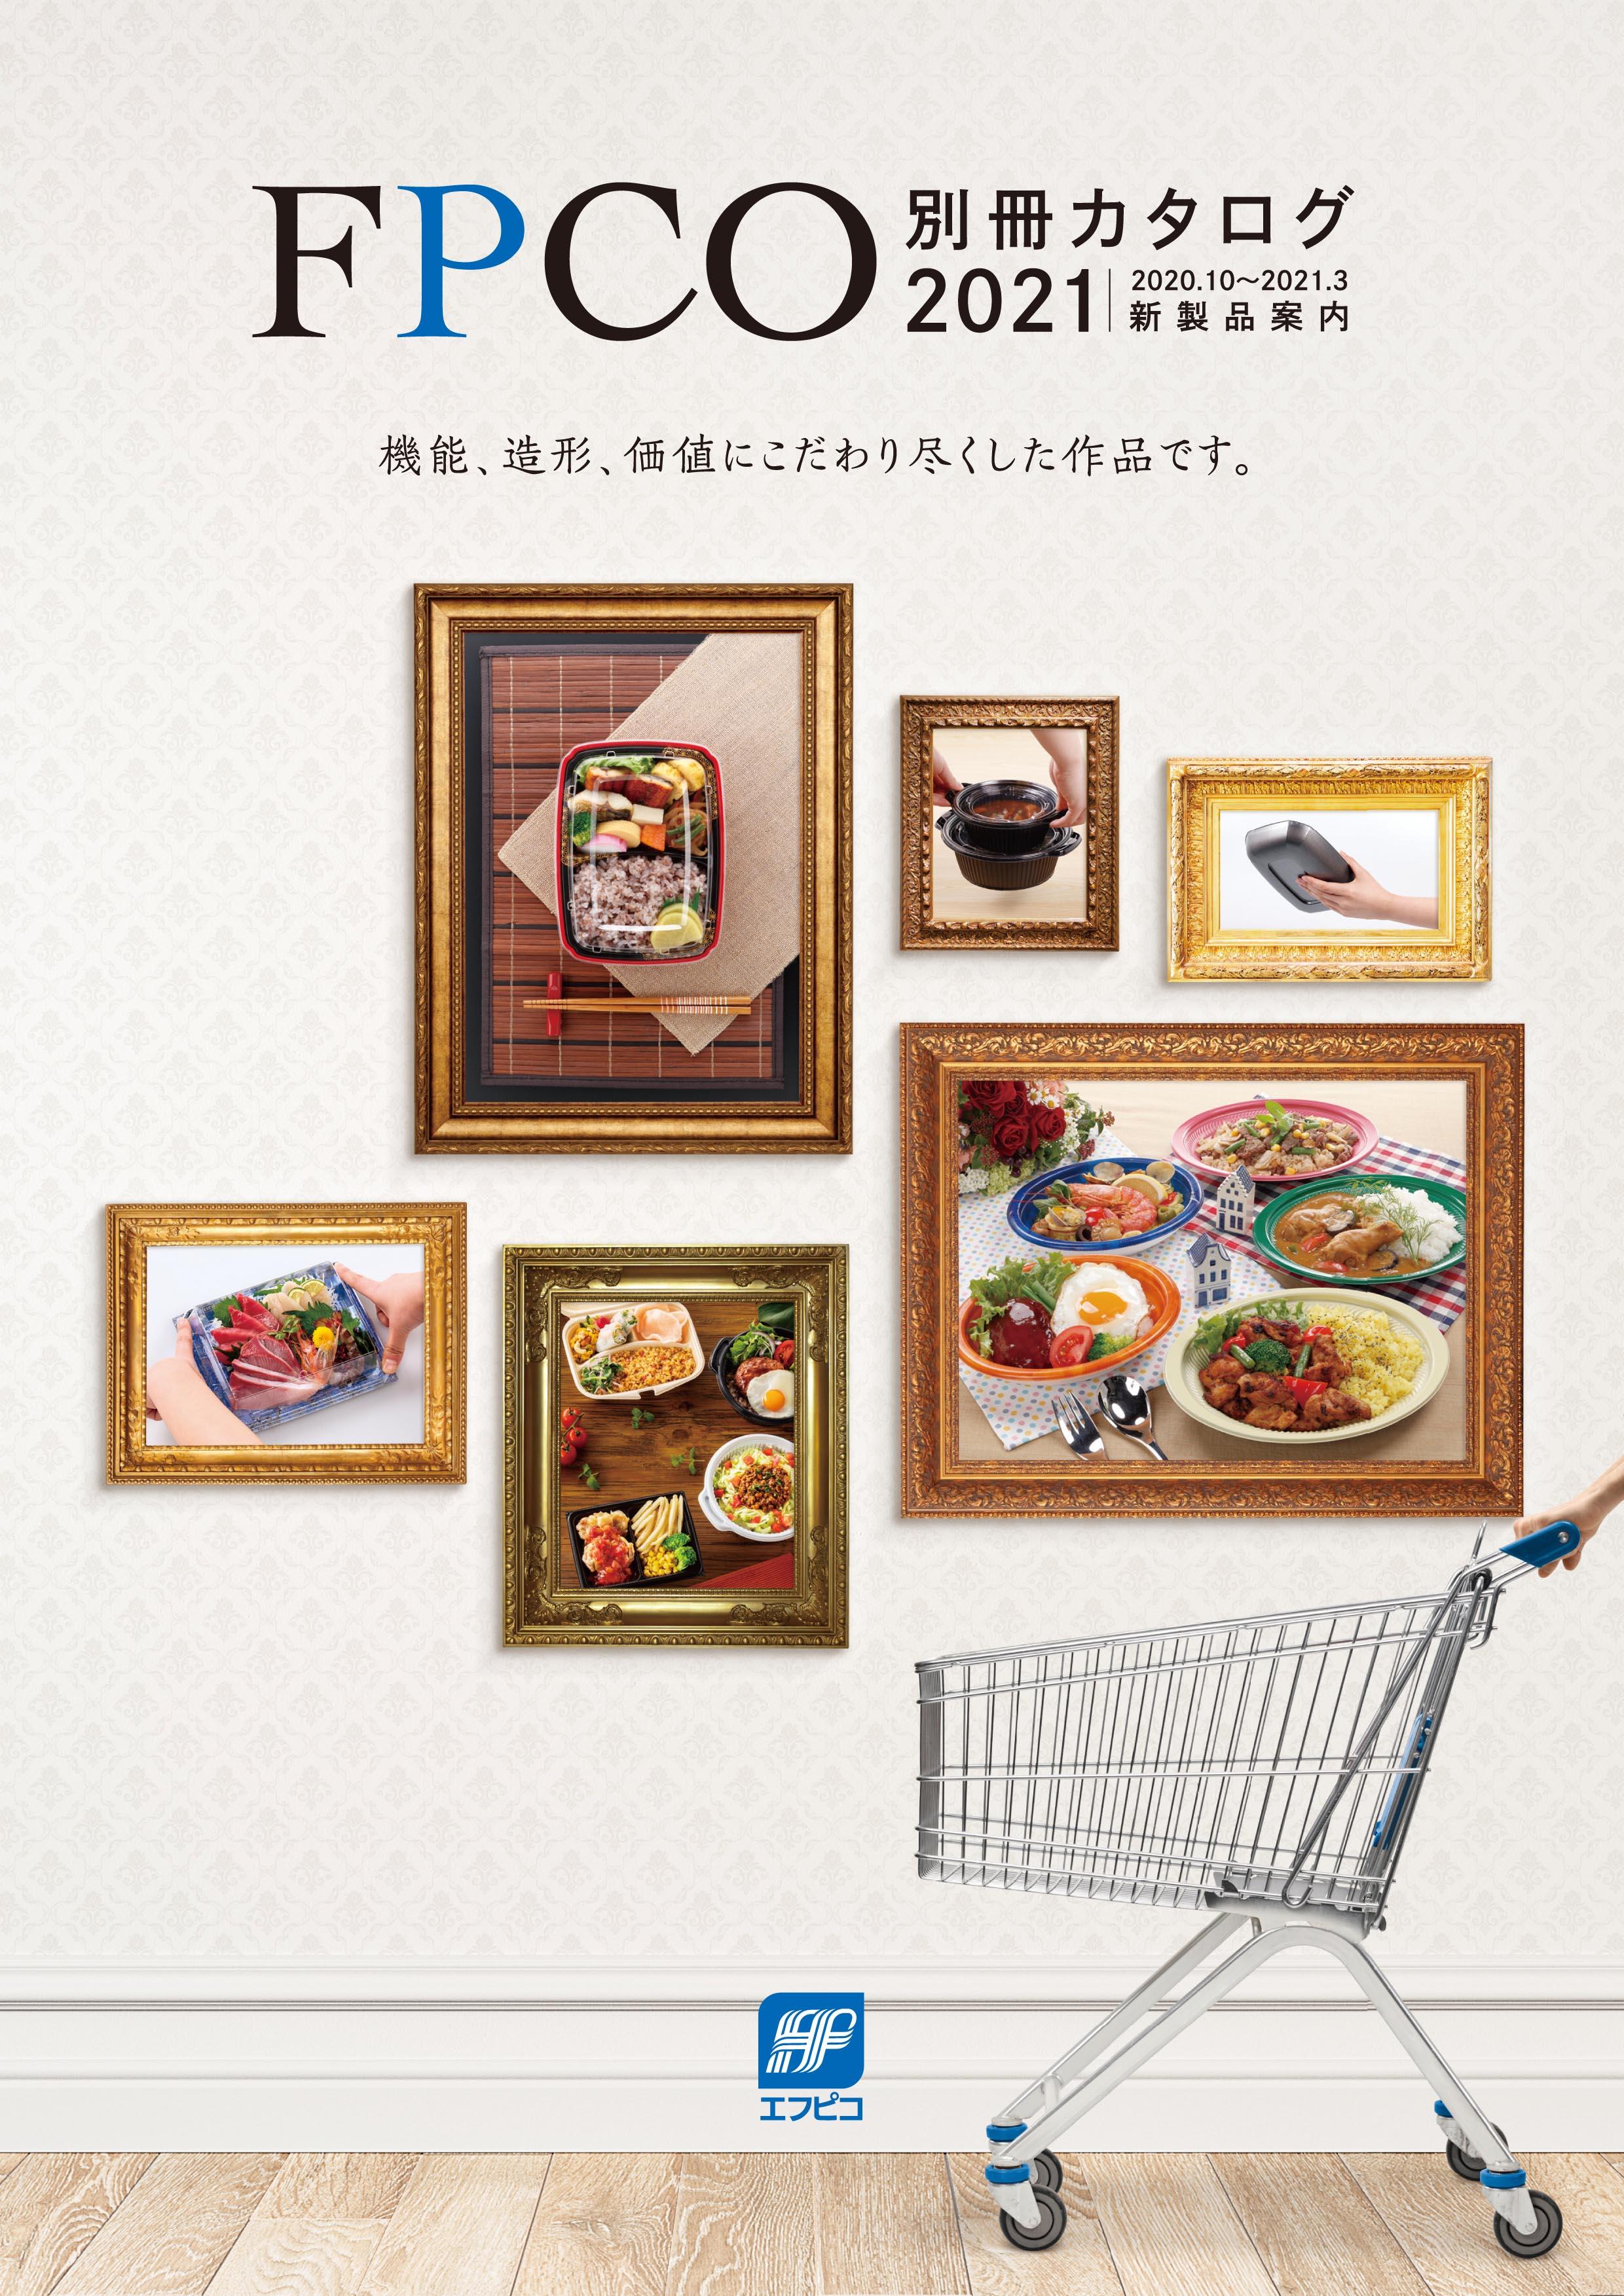 【製品カタログ】別冊カタログ2021